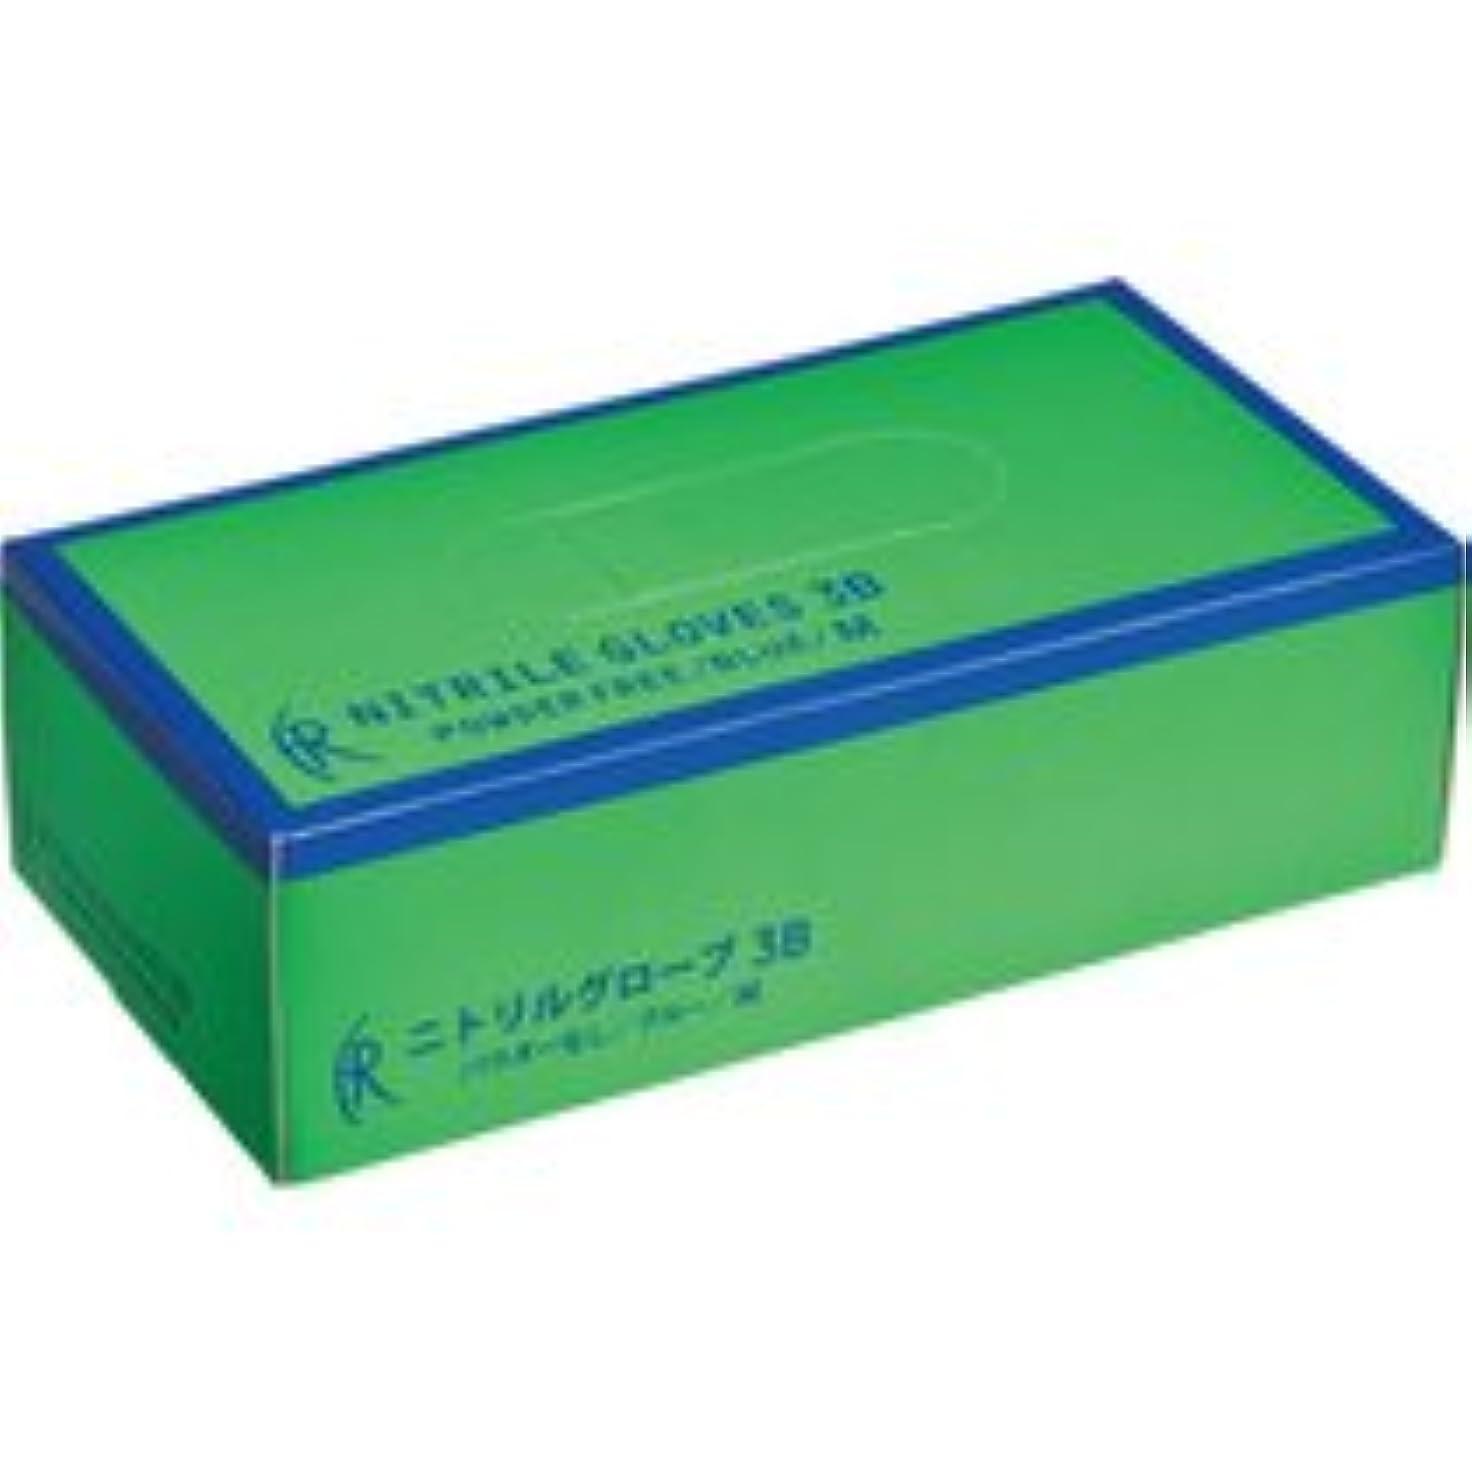 ペーストスカーフスパンファーストレイト ニトリルグローブ3B パウダーフリー M FR-5662 1セット(2000枚:200枚×10箱)